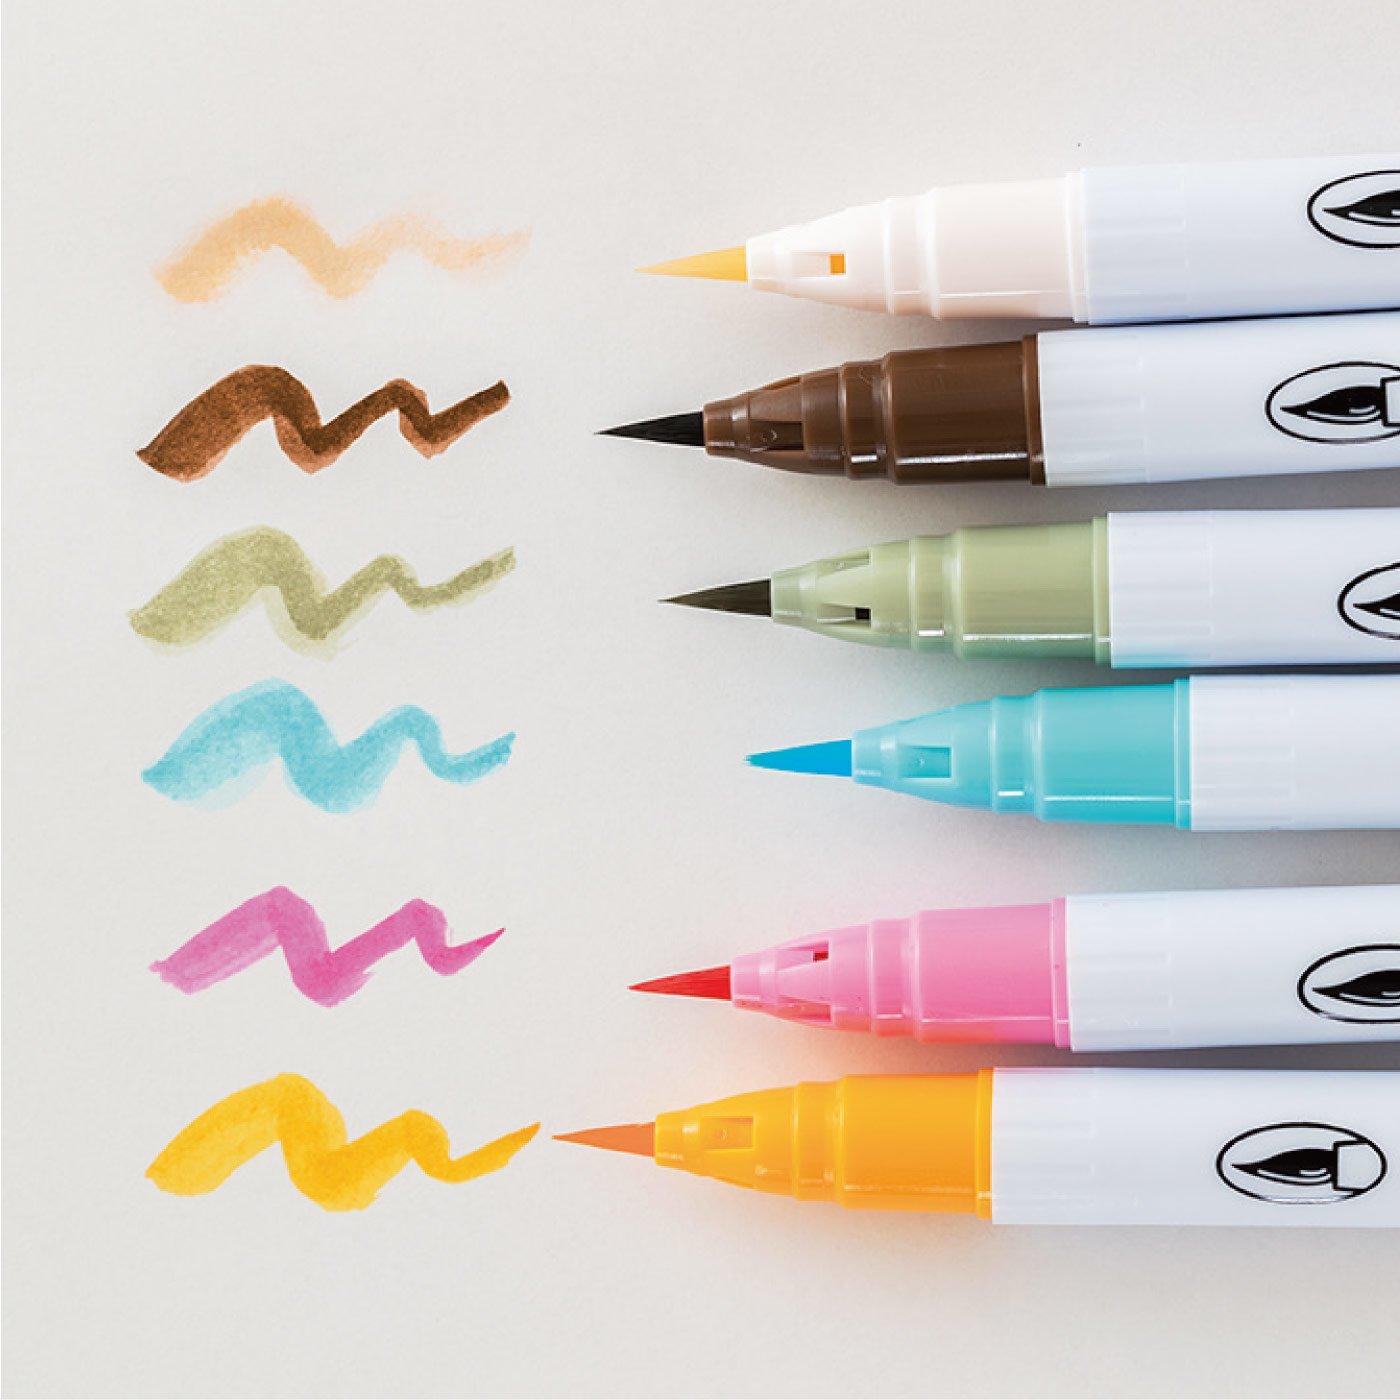 ゆる絵がもっと楽しくなる カラー筆ペン6本セットの会